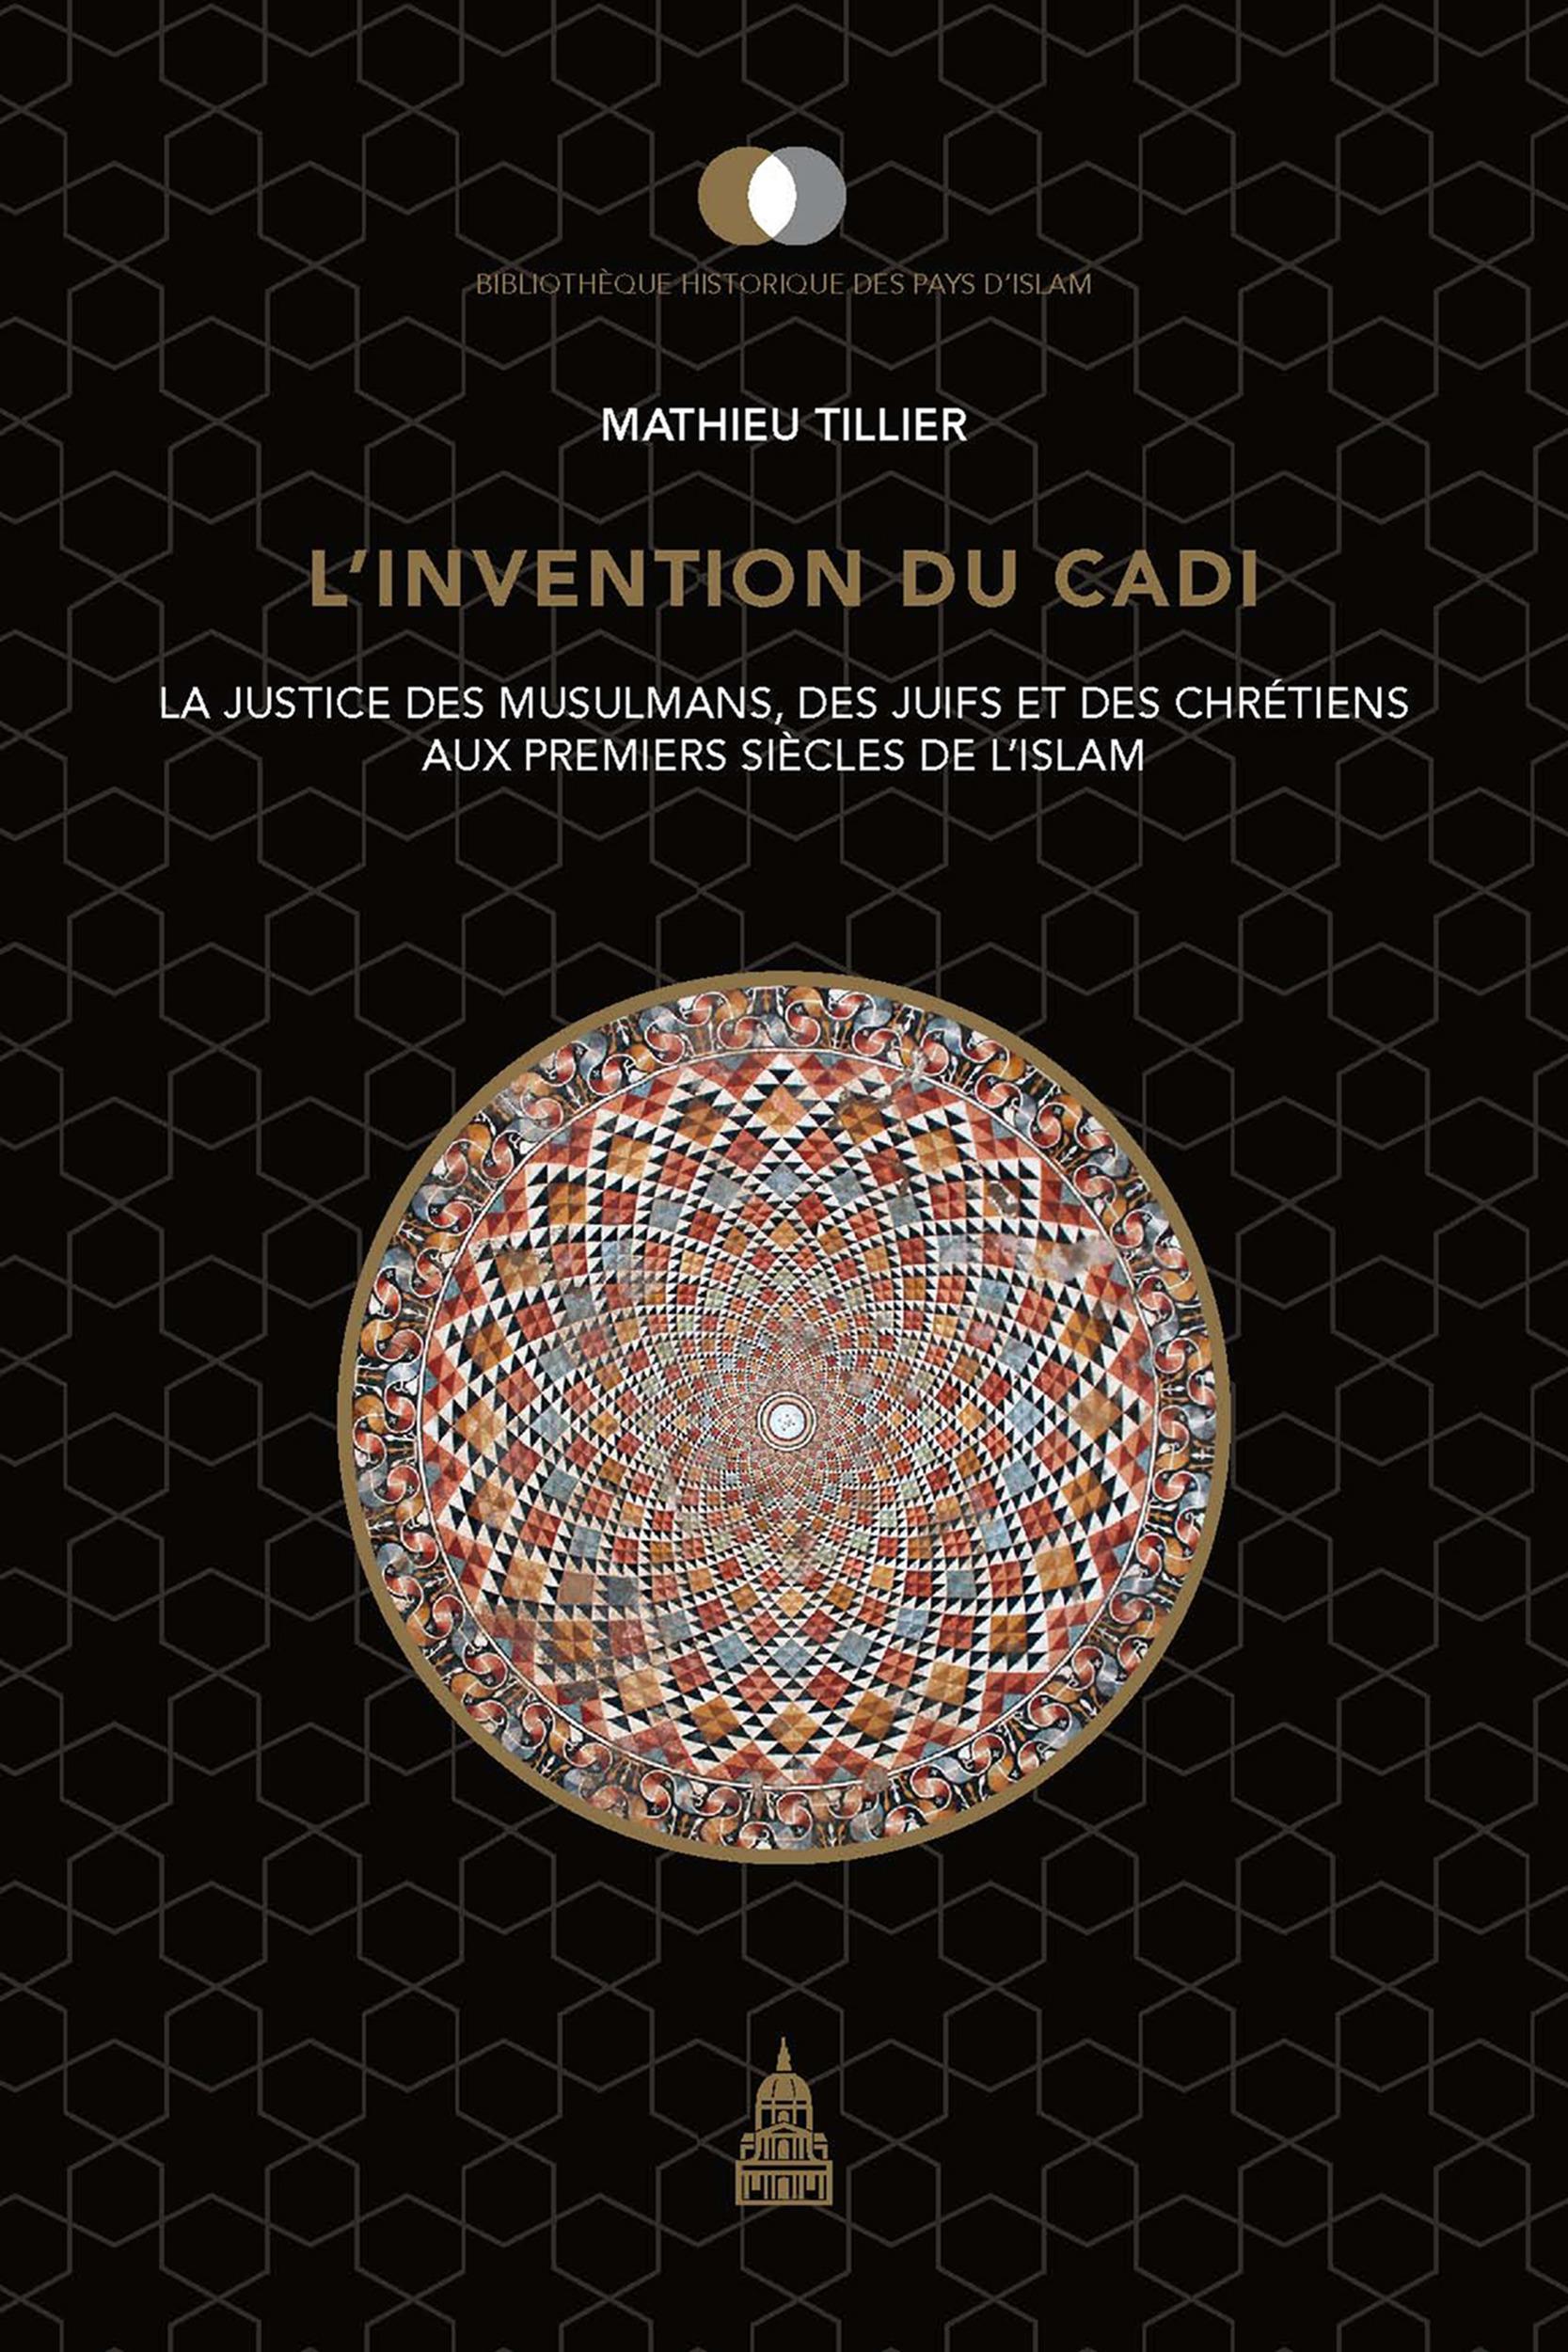 L'invention du cadi  - Mathieu Tillier